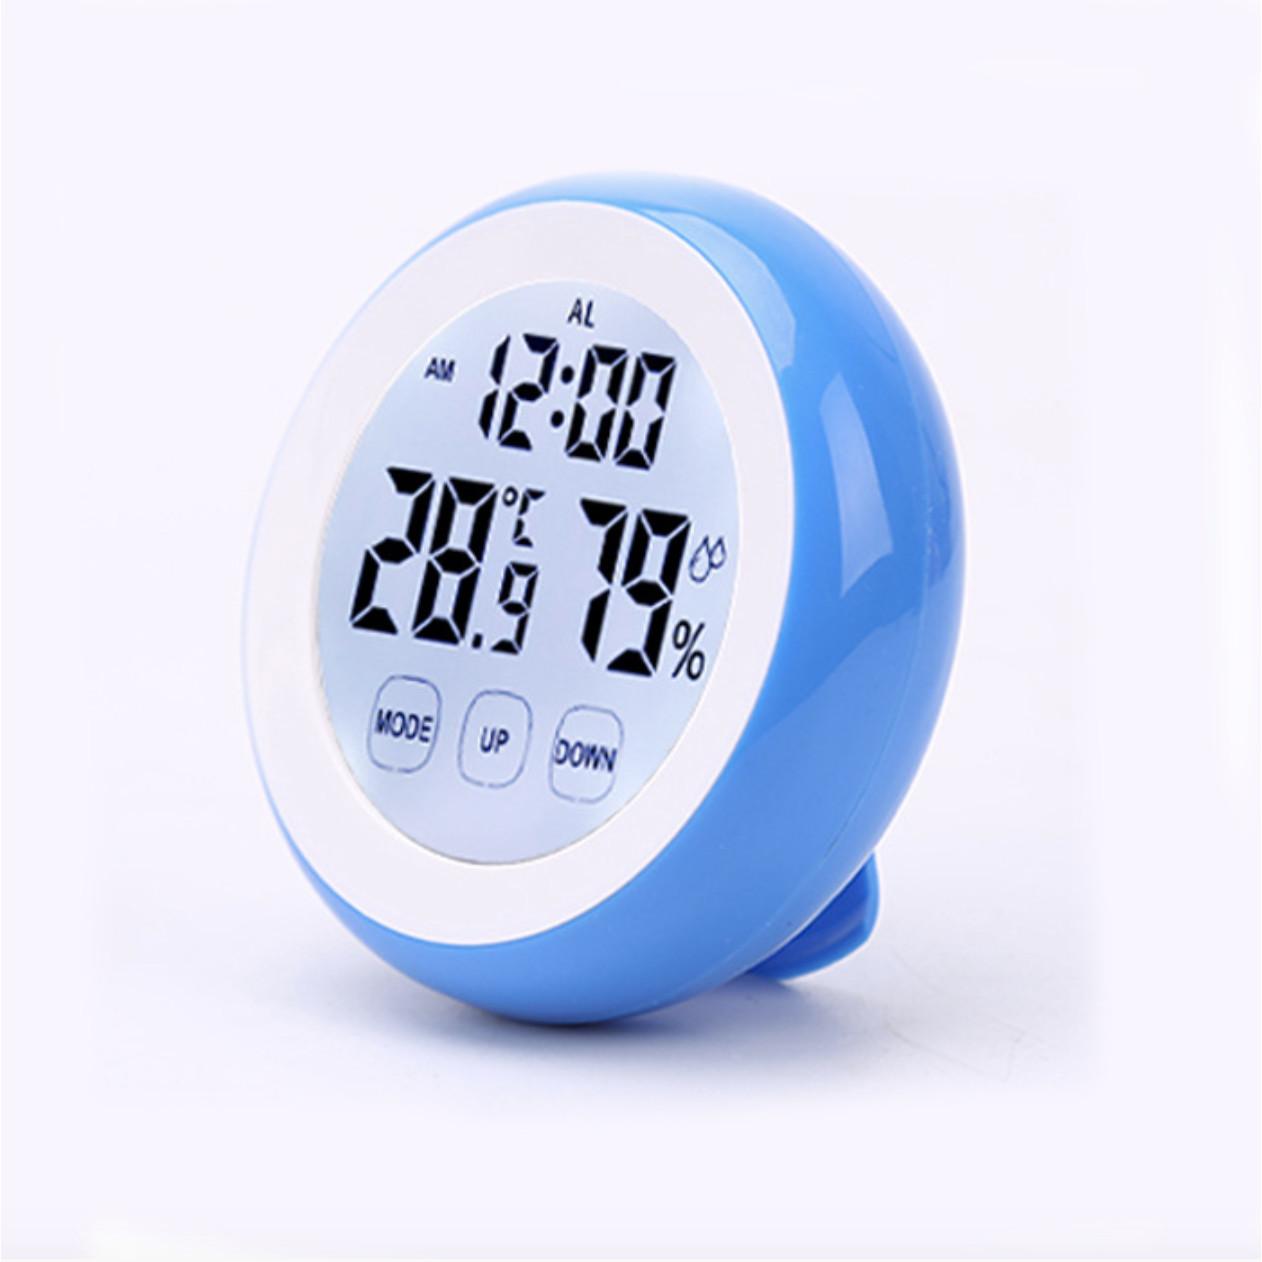 Đồng hồ báo thức kỹ thuật để bàn tròn mini đo độ ẩm và nhiệt độ